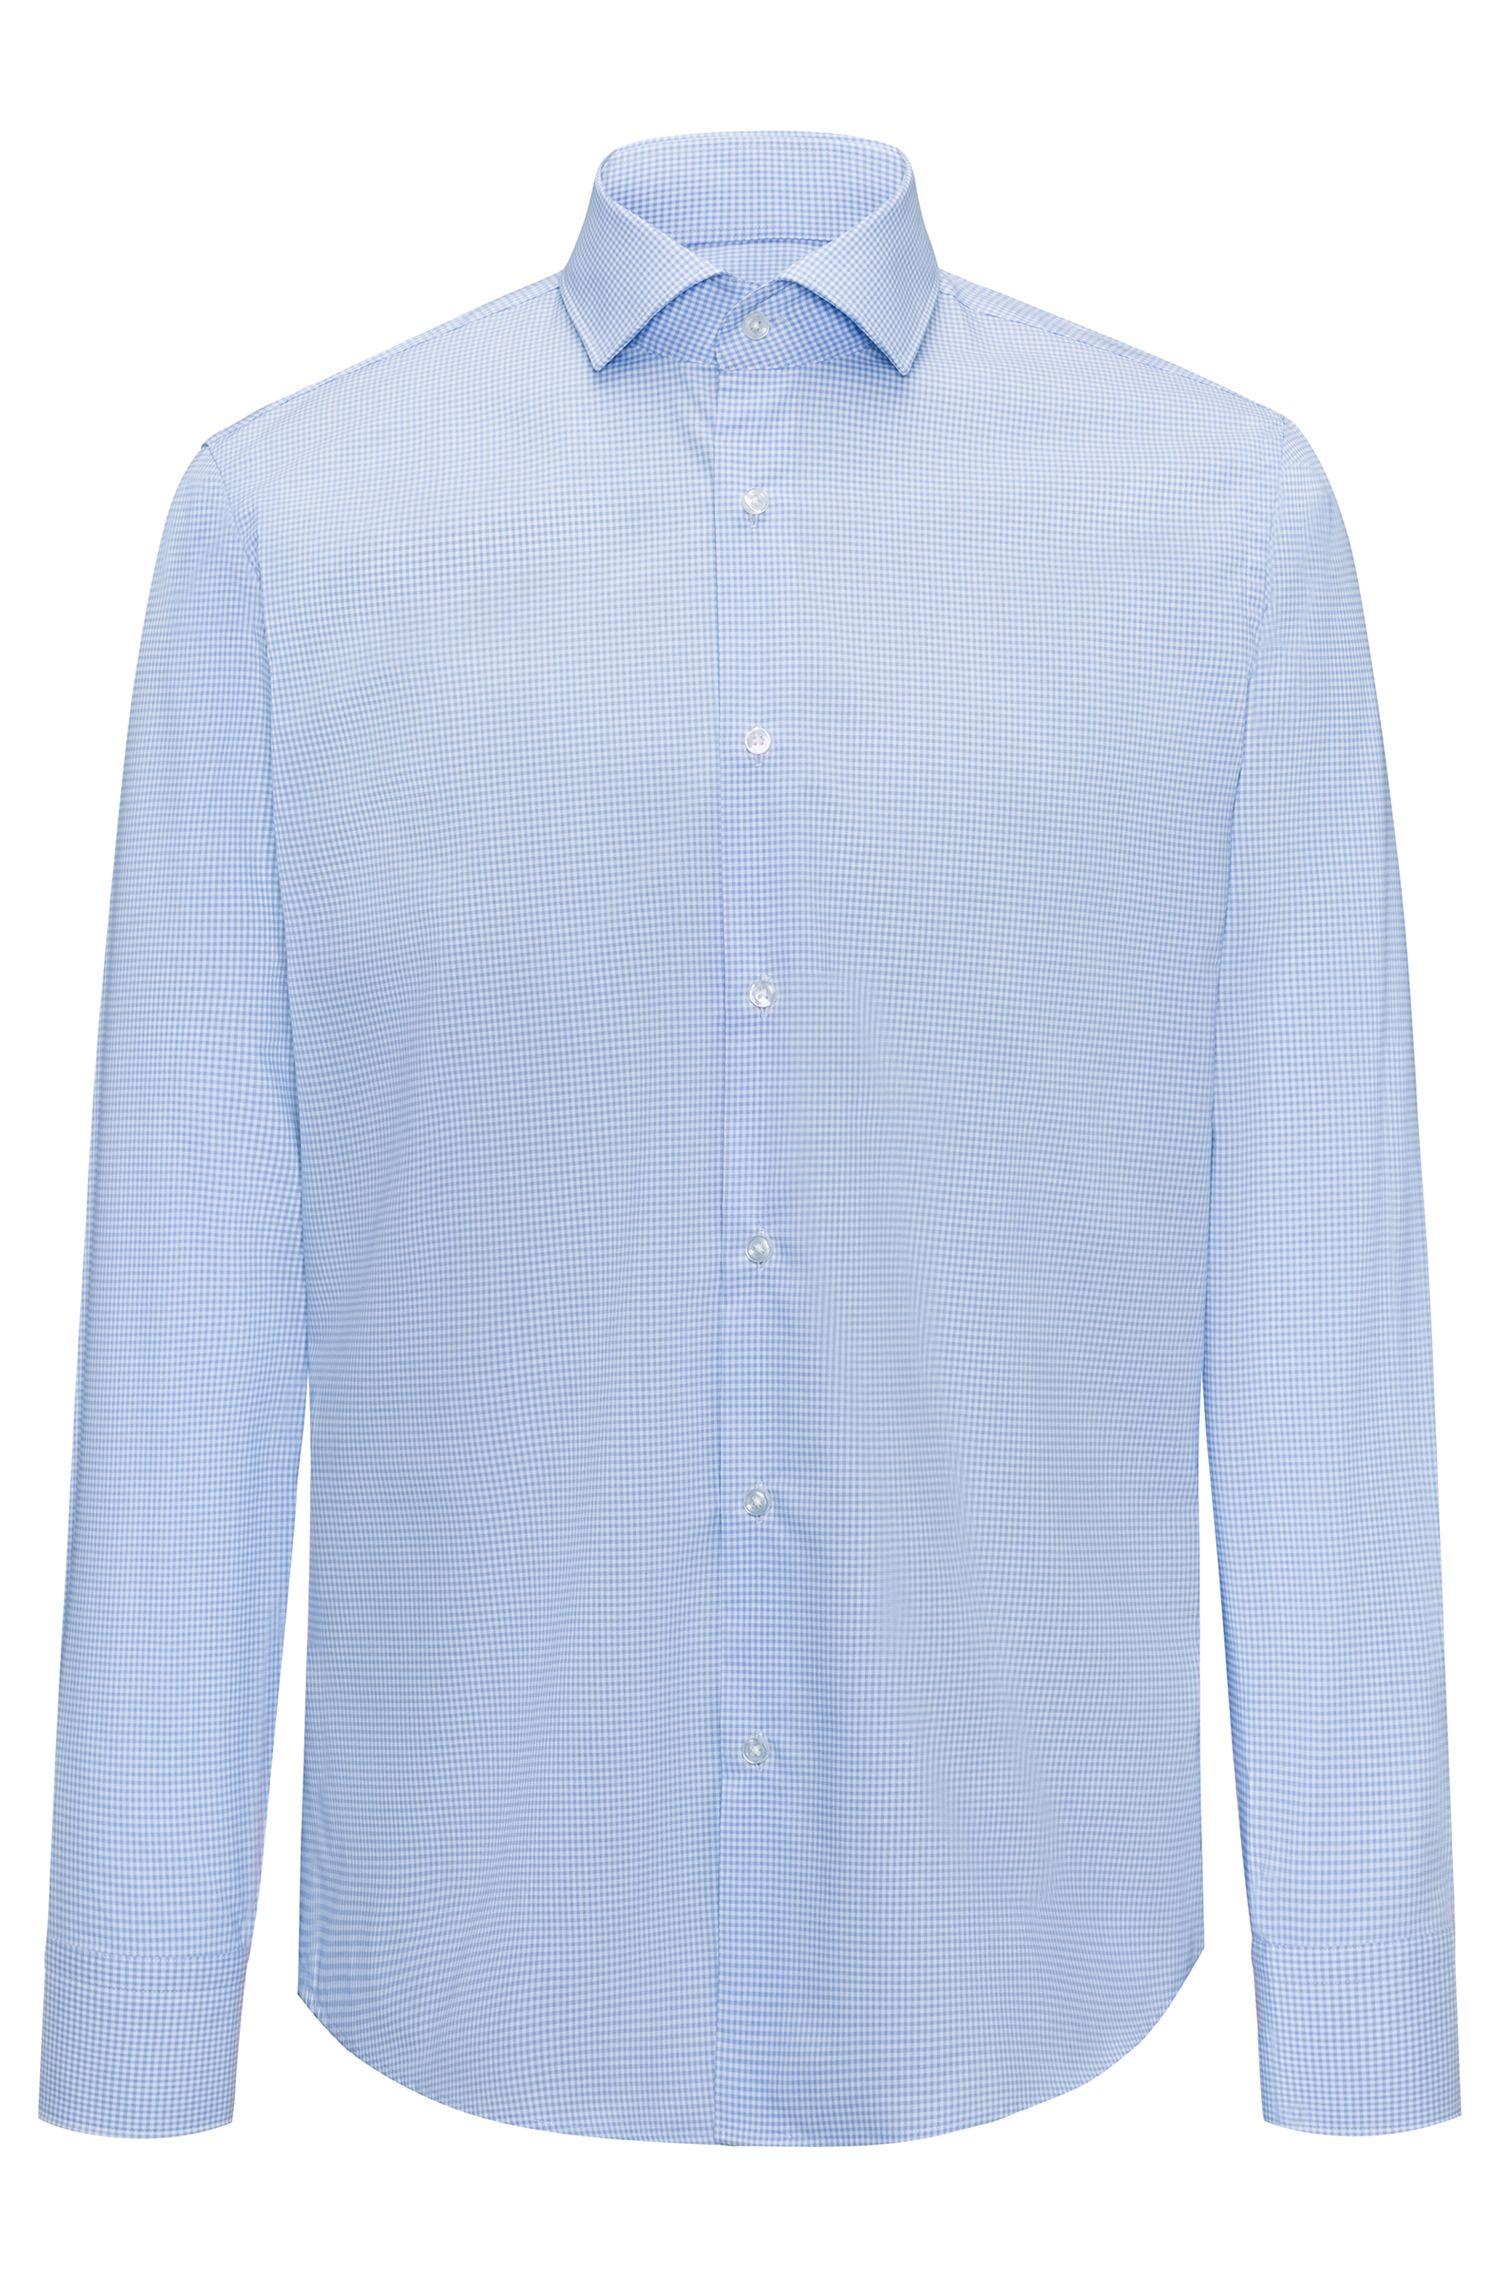 Camicia regular fit a quadri Vichy in cotone facile da stirare